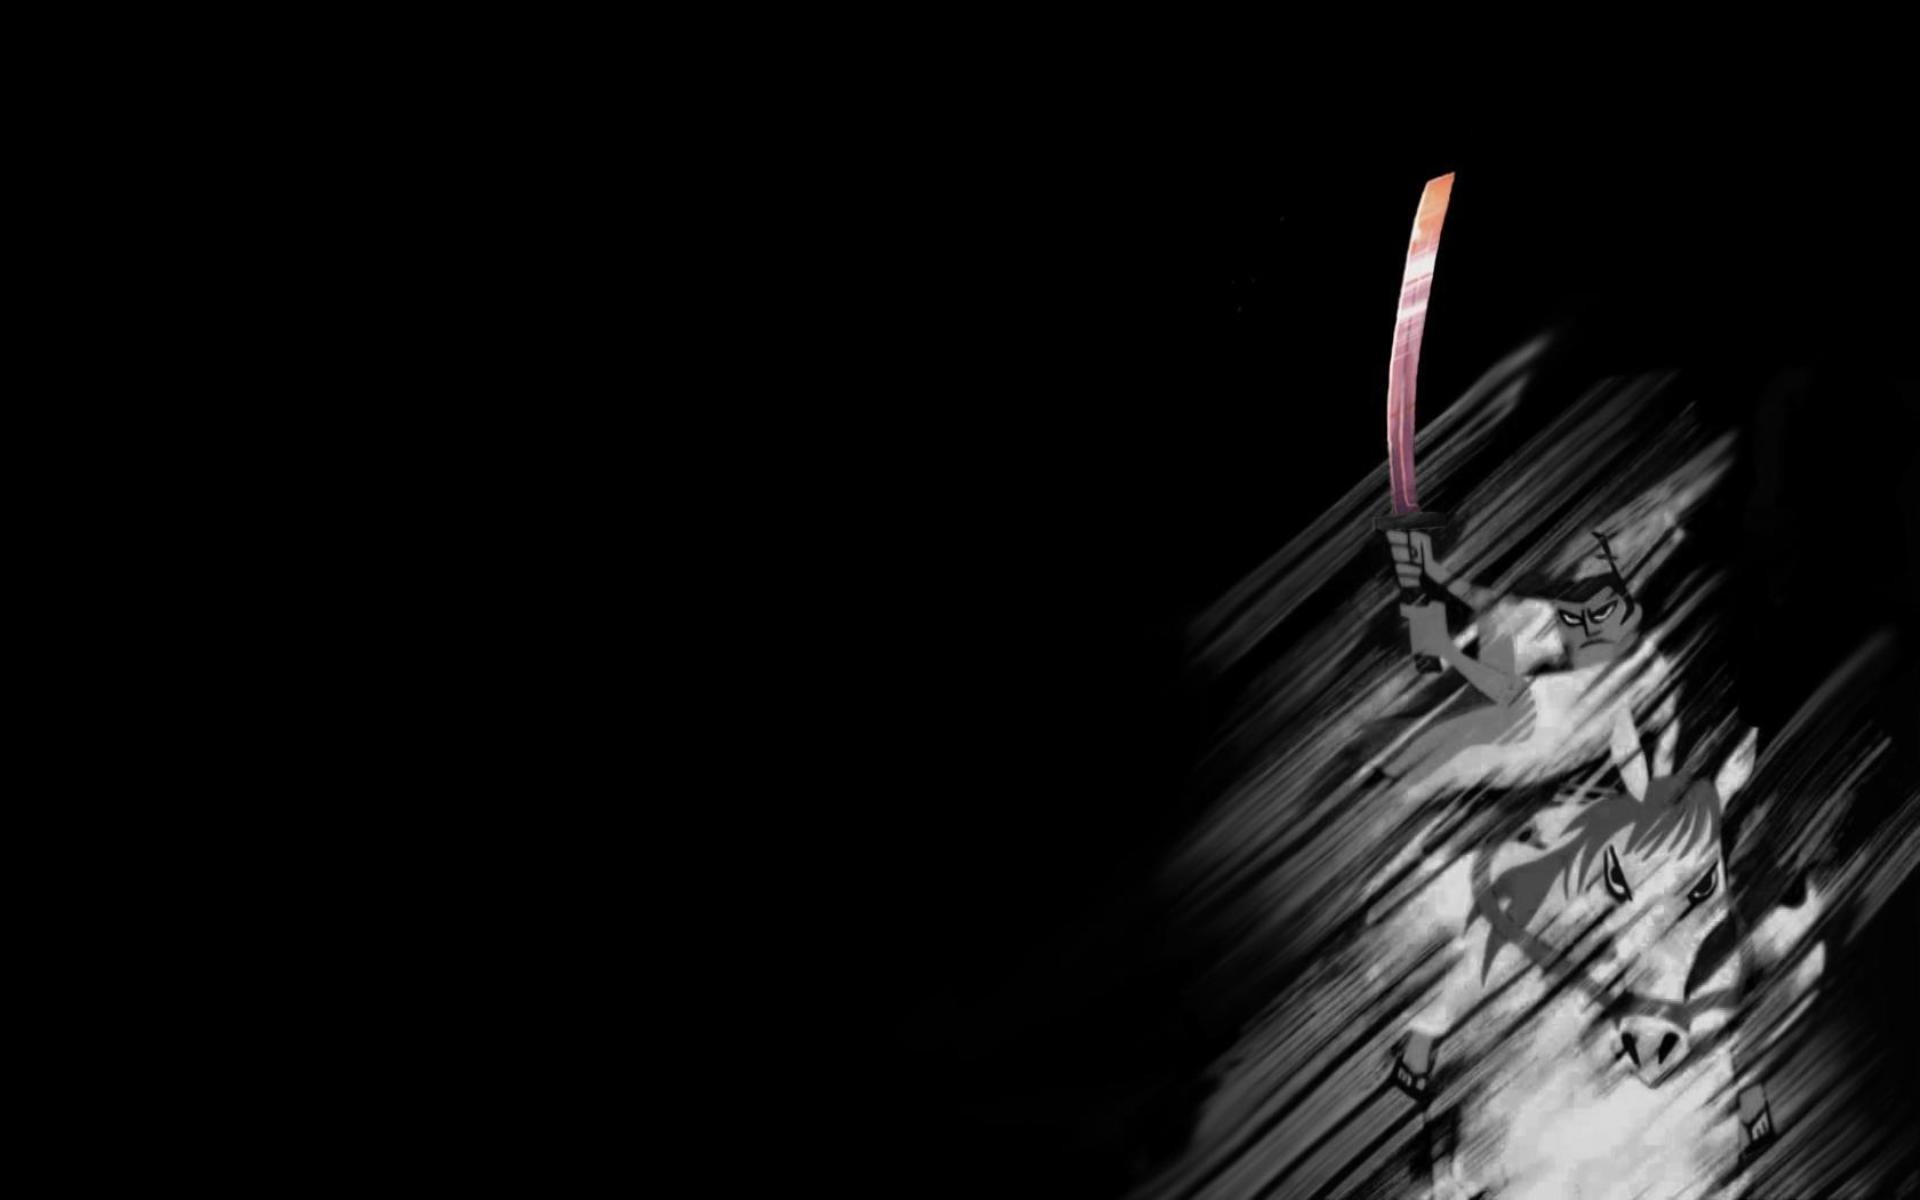 samurai jack wallpaper (69+ images)